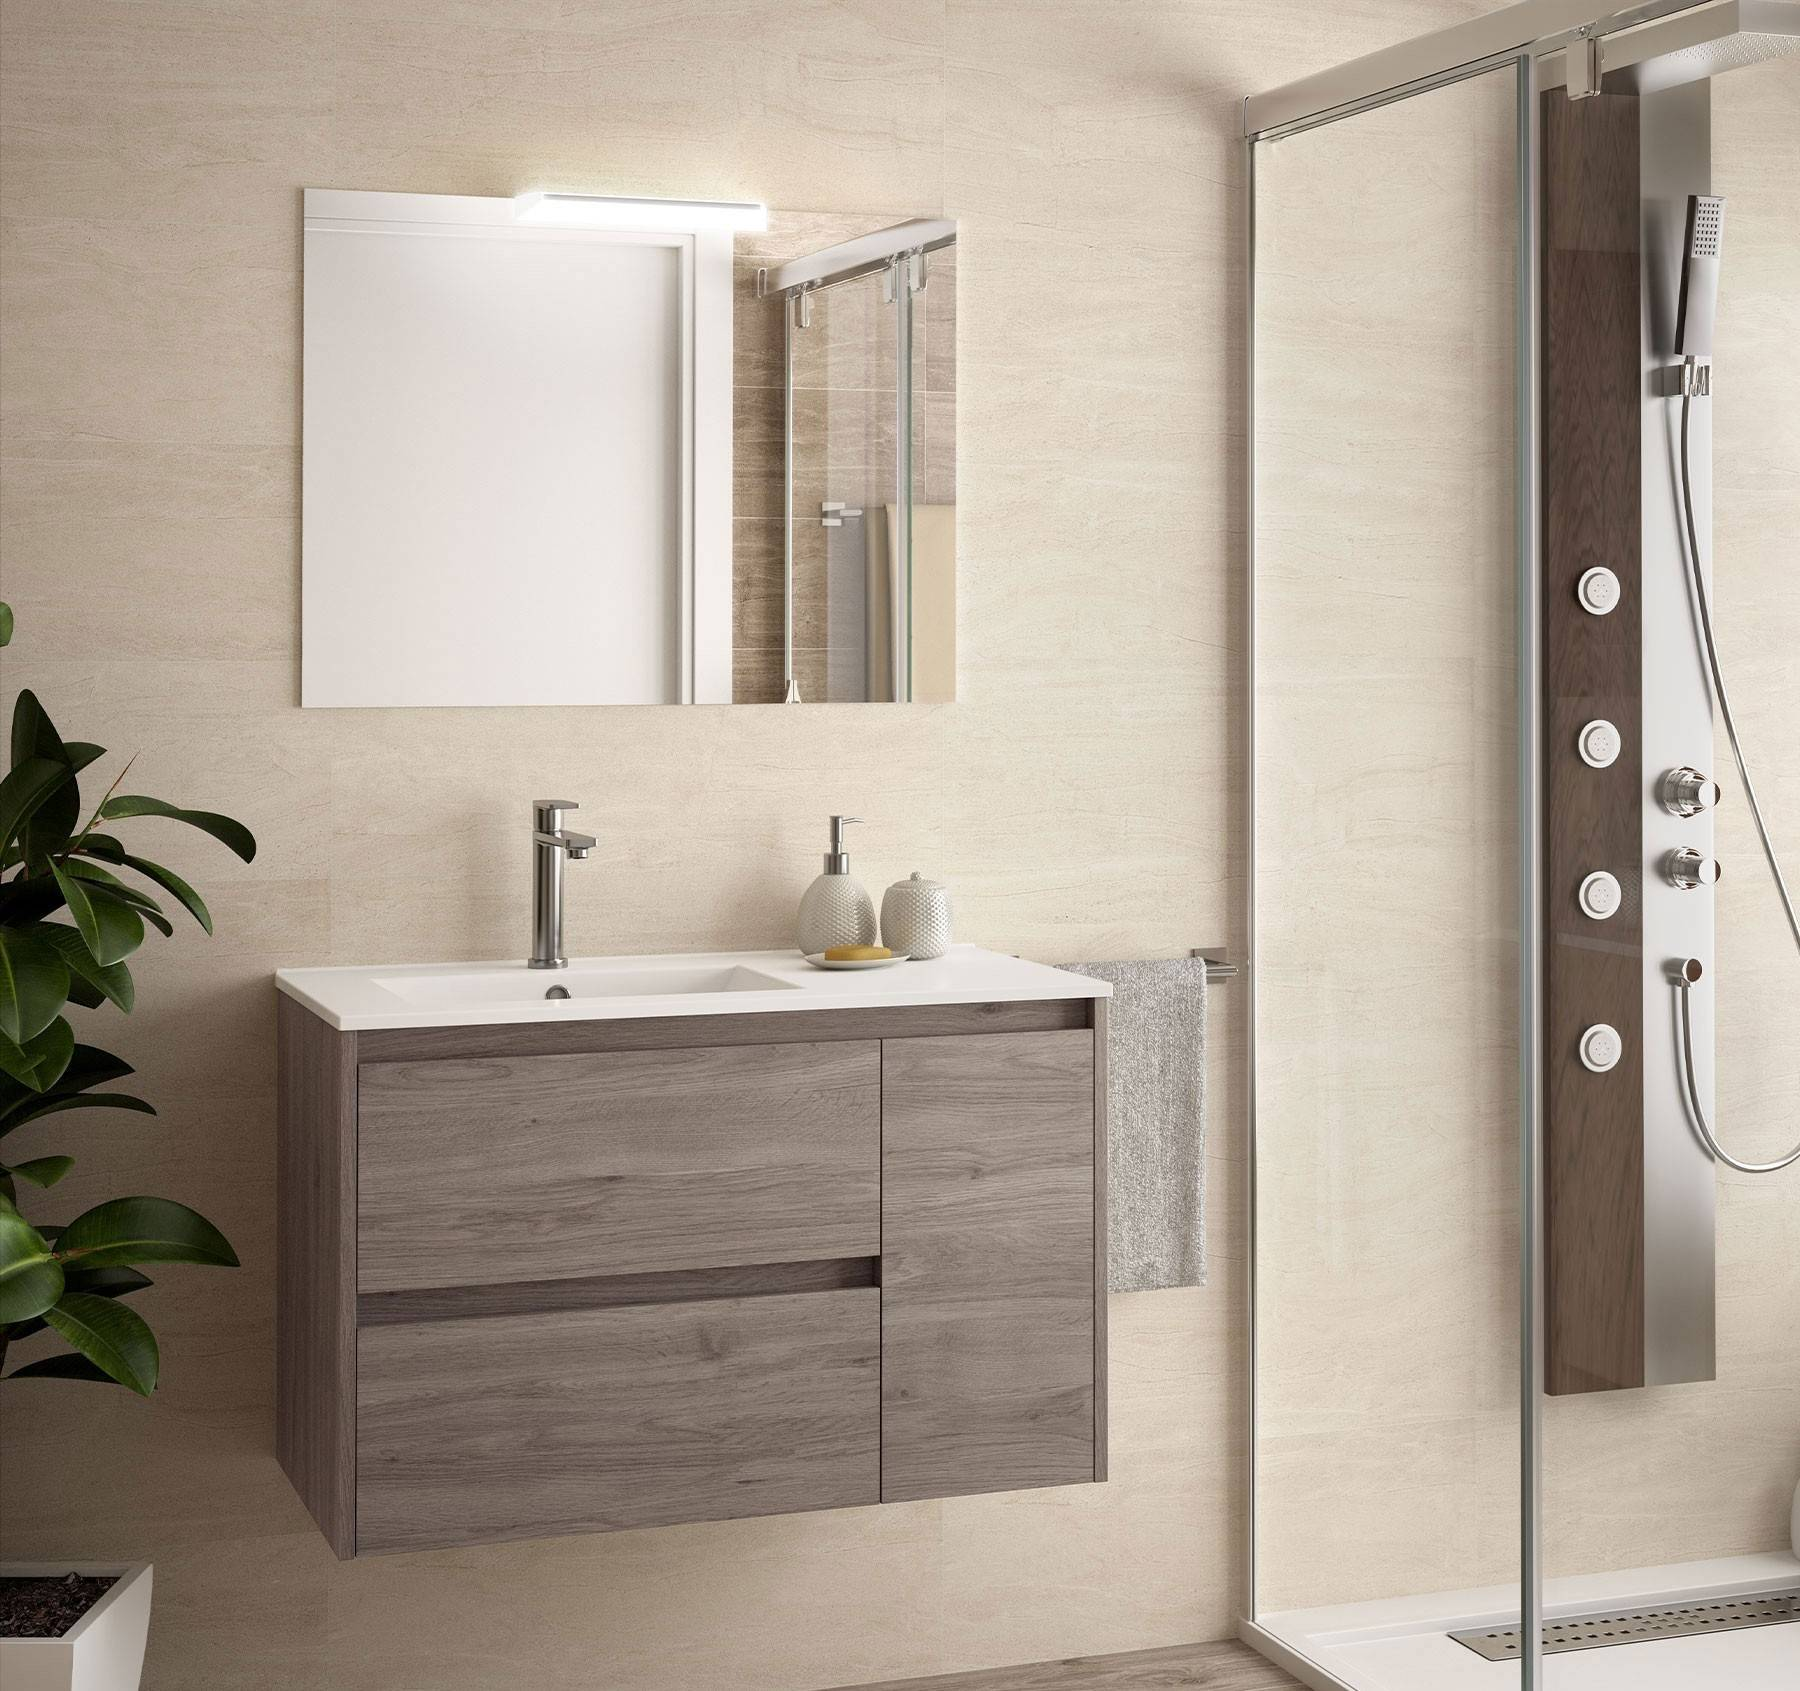 Caesaroo Mobile bagno sospeso 85 cm in legno Rovere eternity con lavabo in porcellana Con colonna, specchio e lampada LED - 85 cm